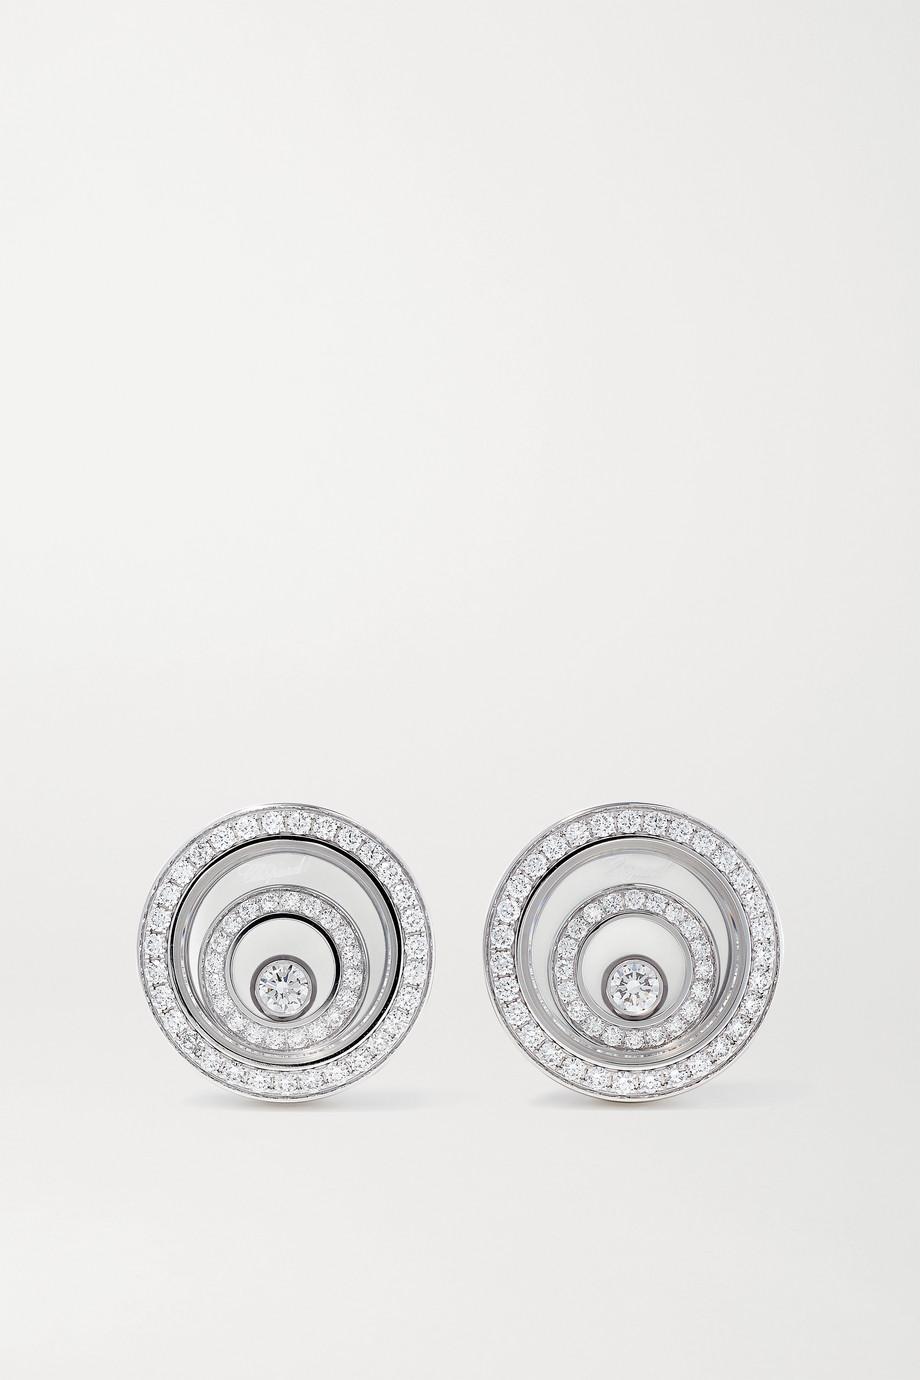 Chopard Boucles d'oreilles en or blanc 18 carats (750/1000) et diamants Happy Spirit